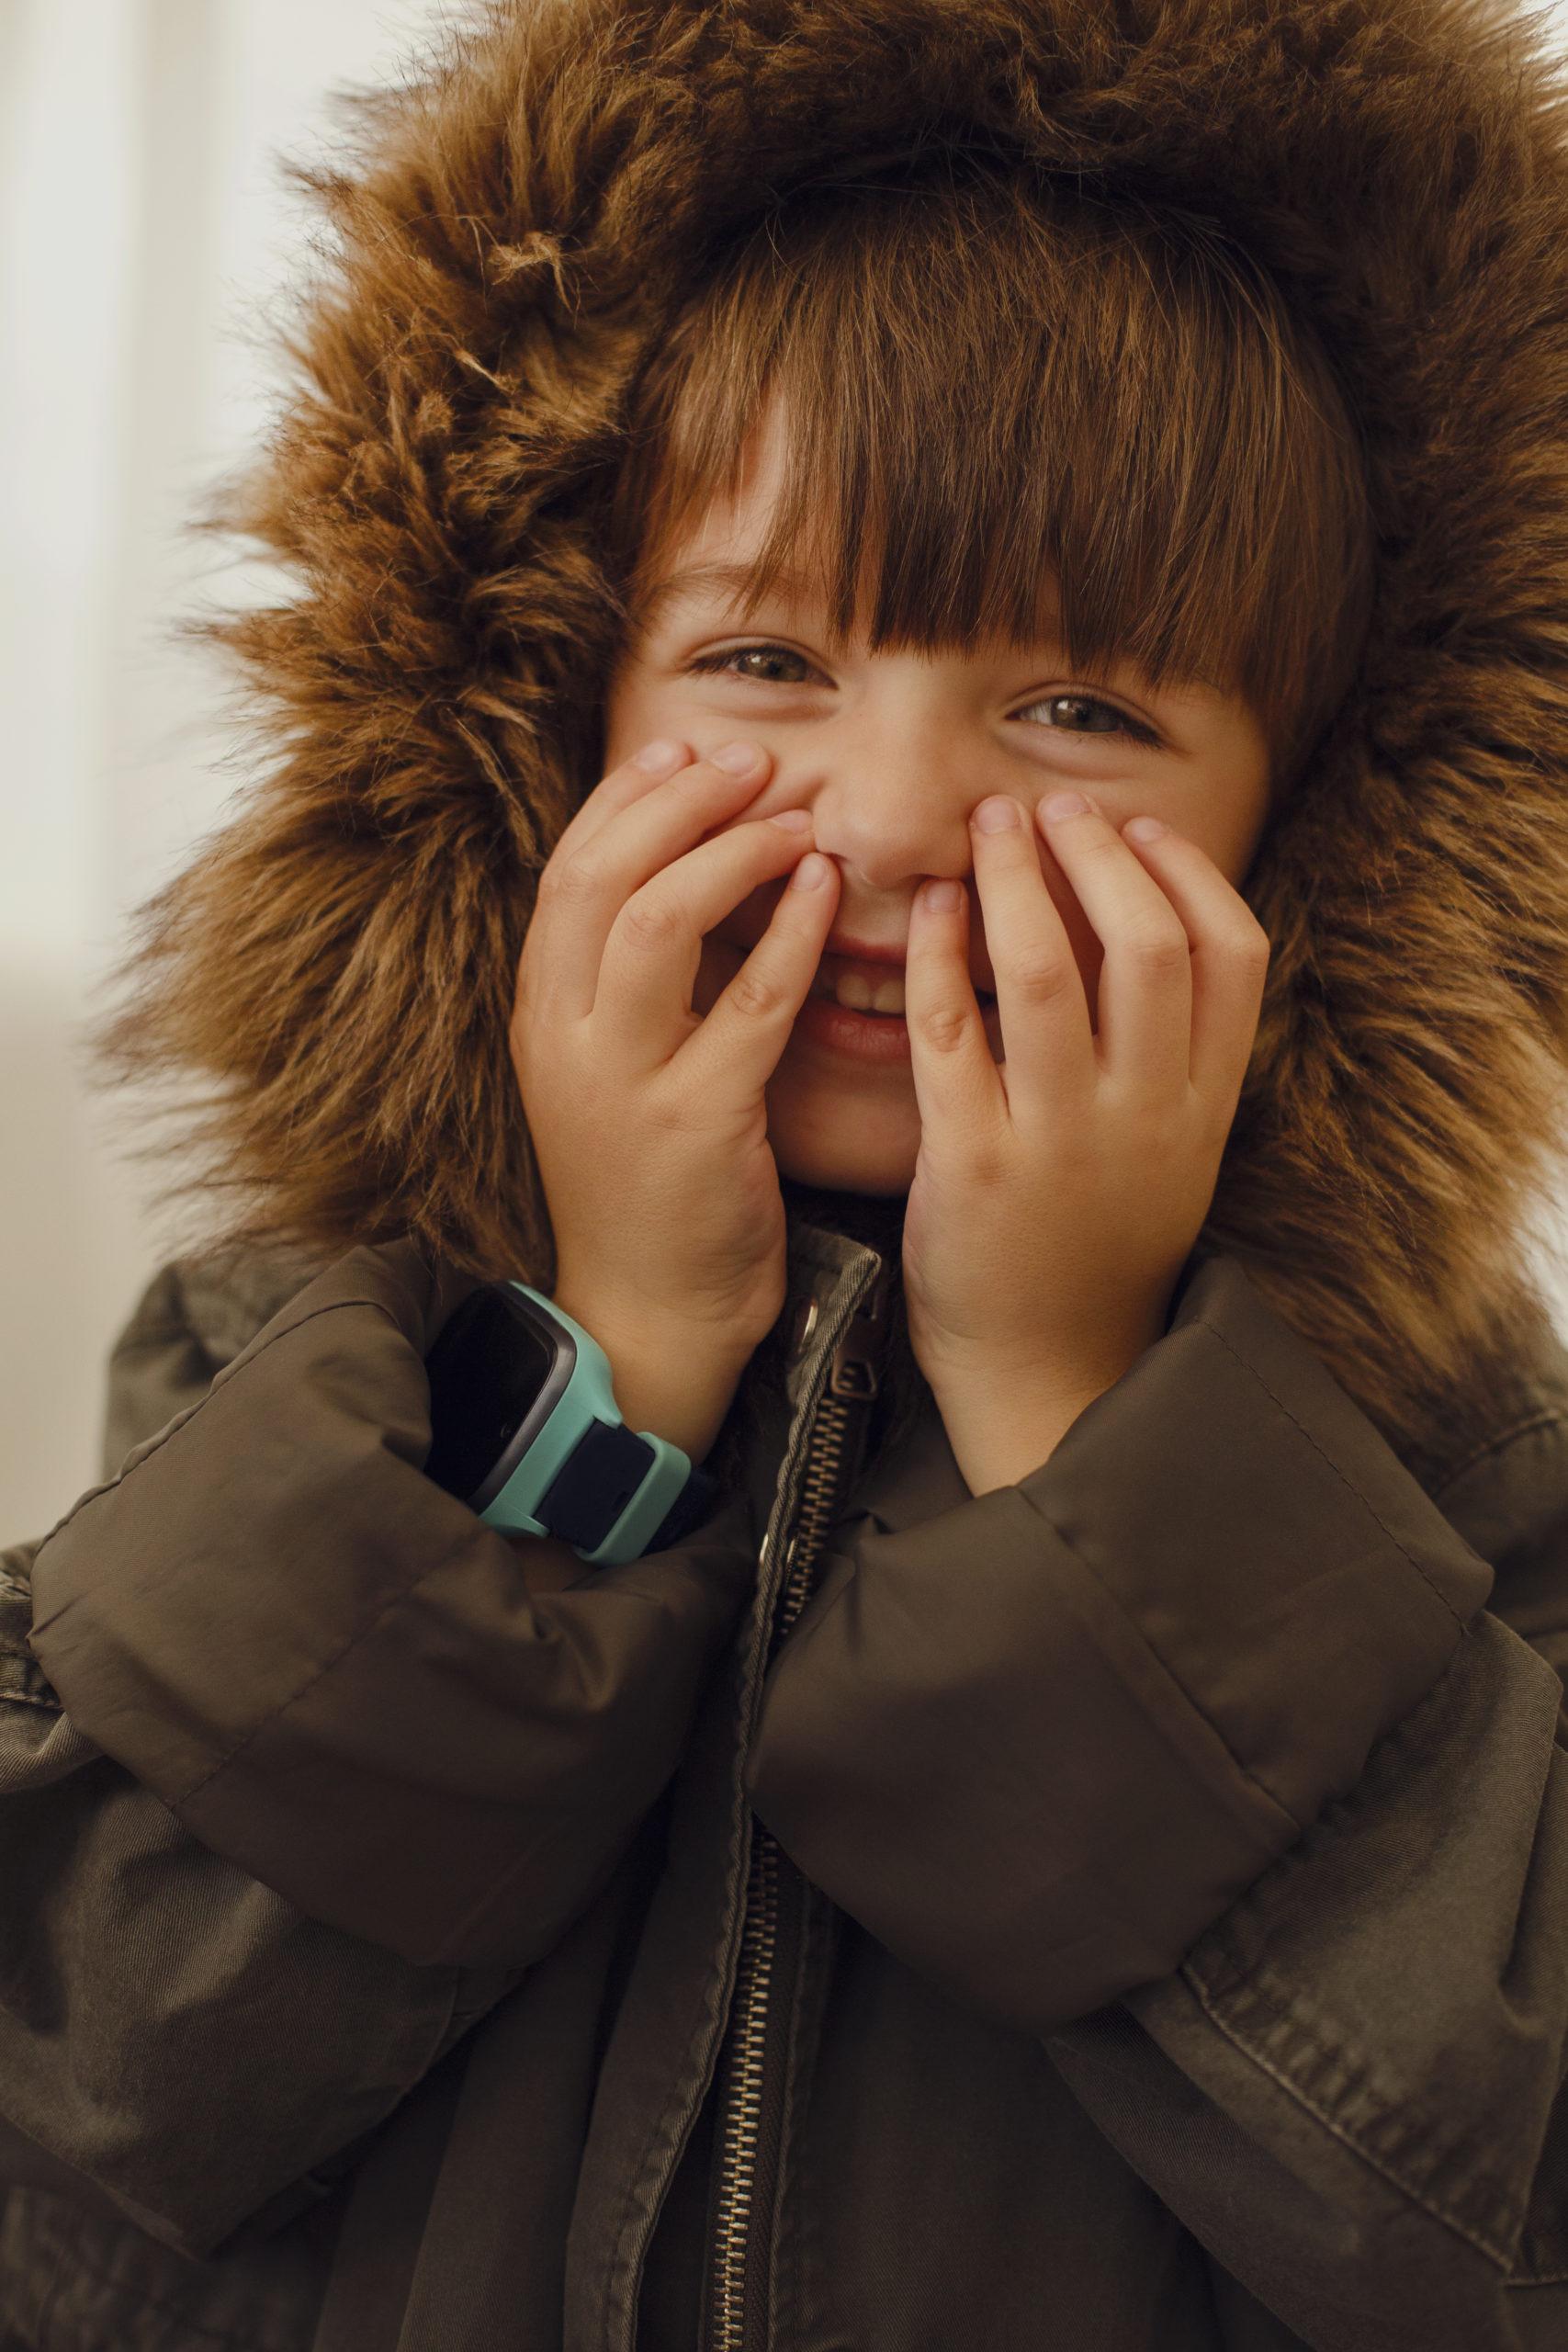 Vi ger dig 23 tips på att ge ditt barn bättre självförtroende